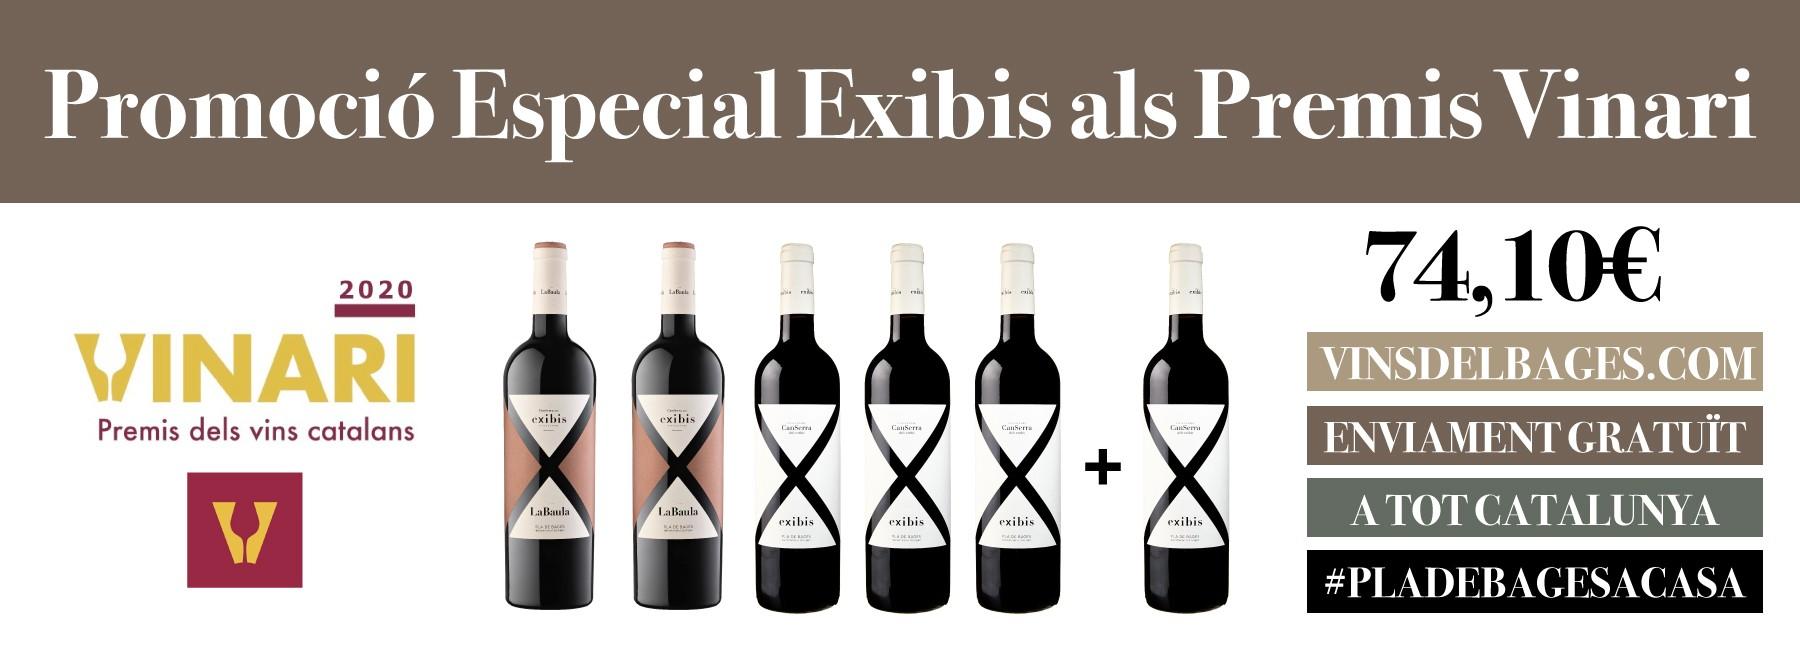 Promoción Exbis en los Premios  Vinari